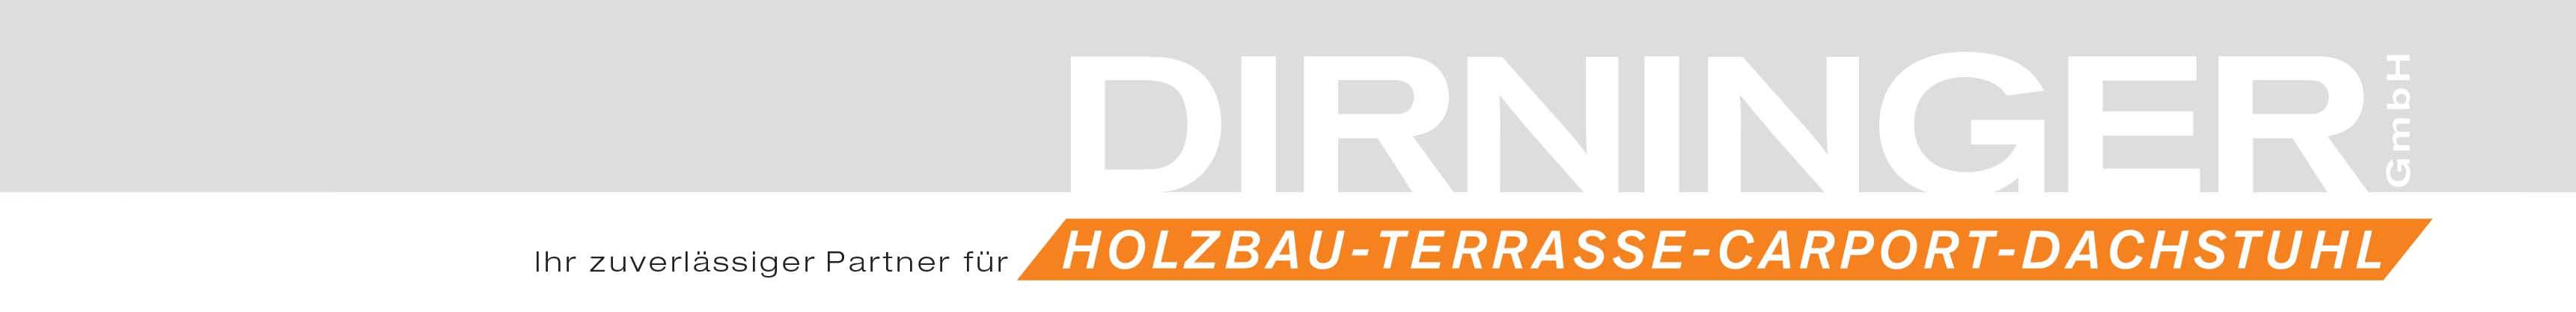 Dirninger GmbH Logo